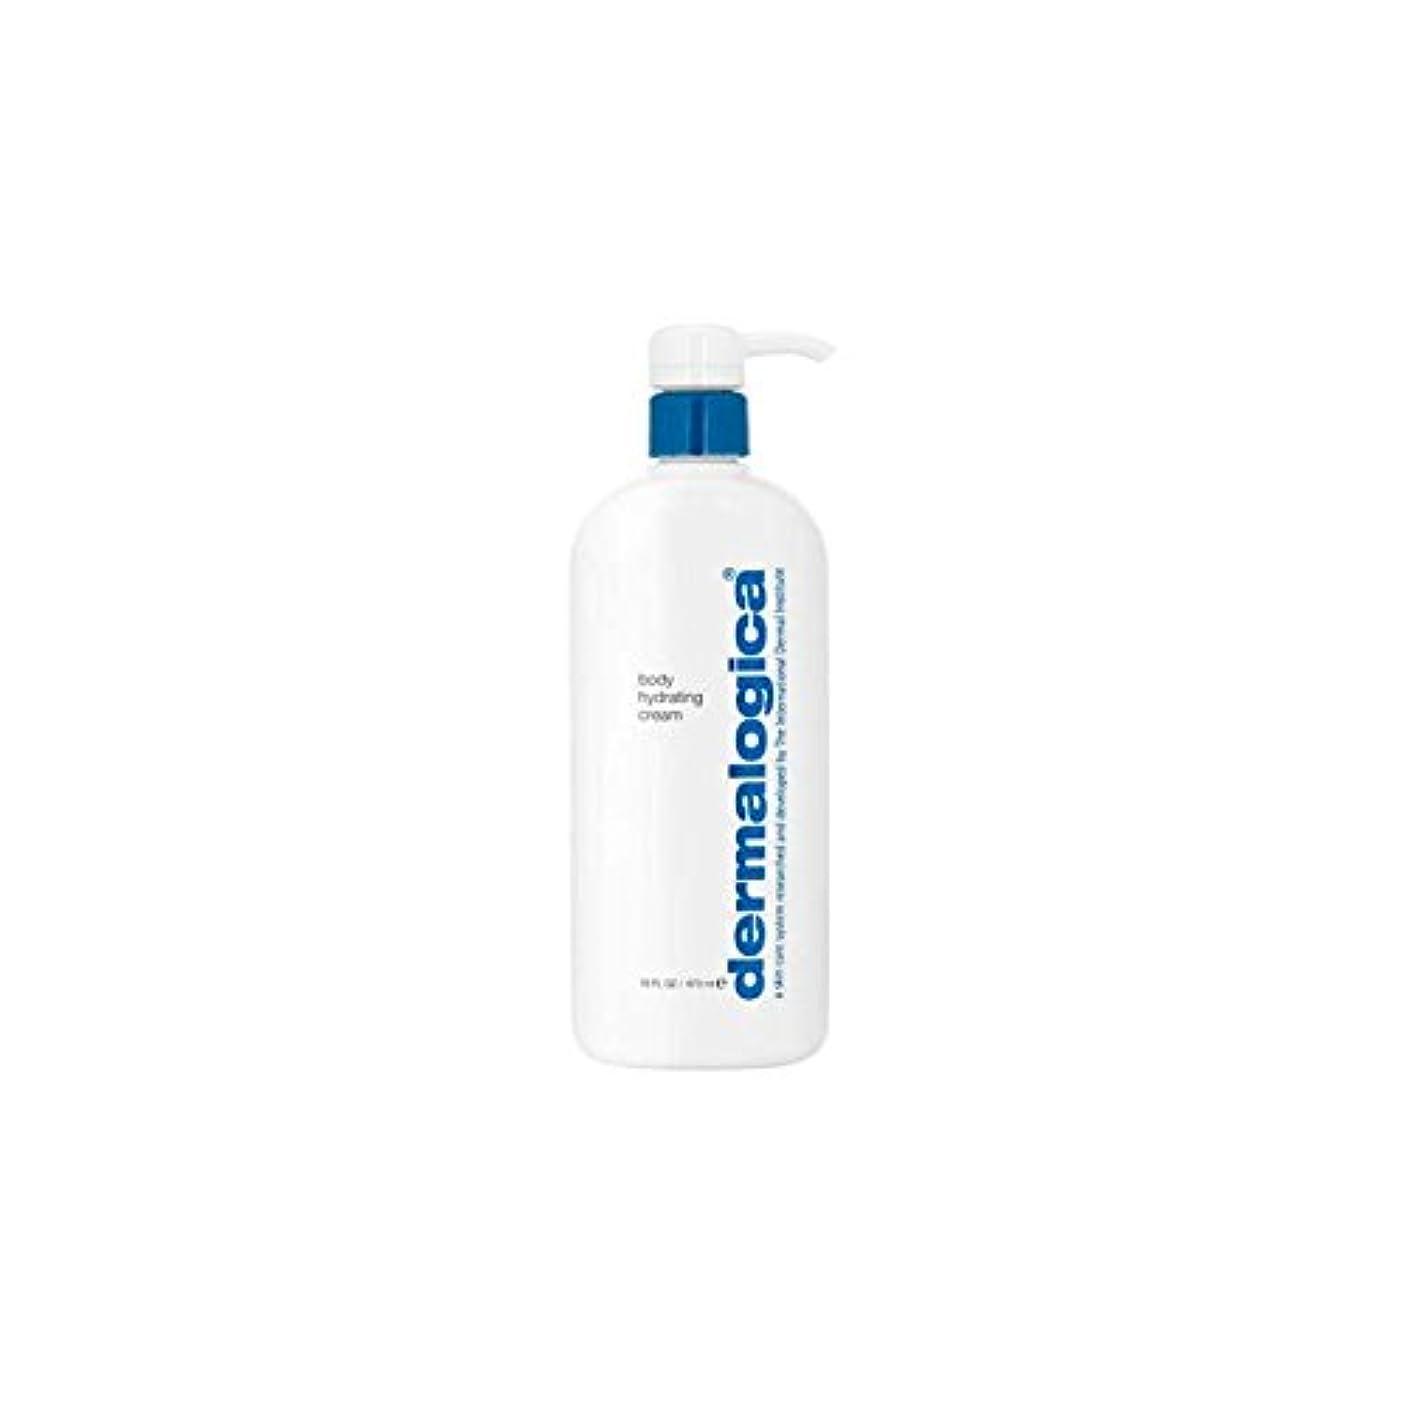 拾う影響慈悲深い[Dermalogica ] ダーマロジカボディハイドレイティングクリーム(473ミリリットル) - Dermalogica Body Hydrating Cream (473ml) [並行輸入品]